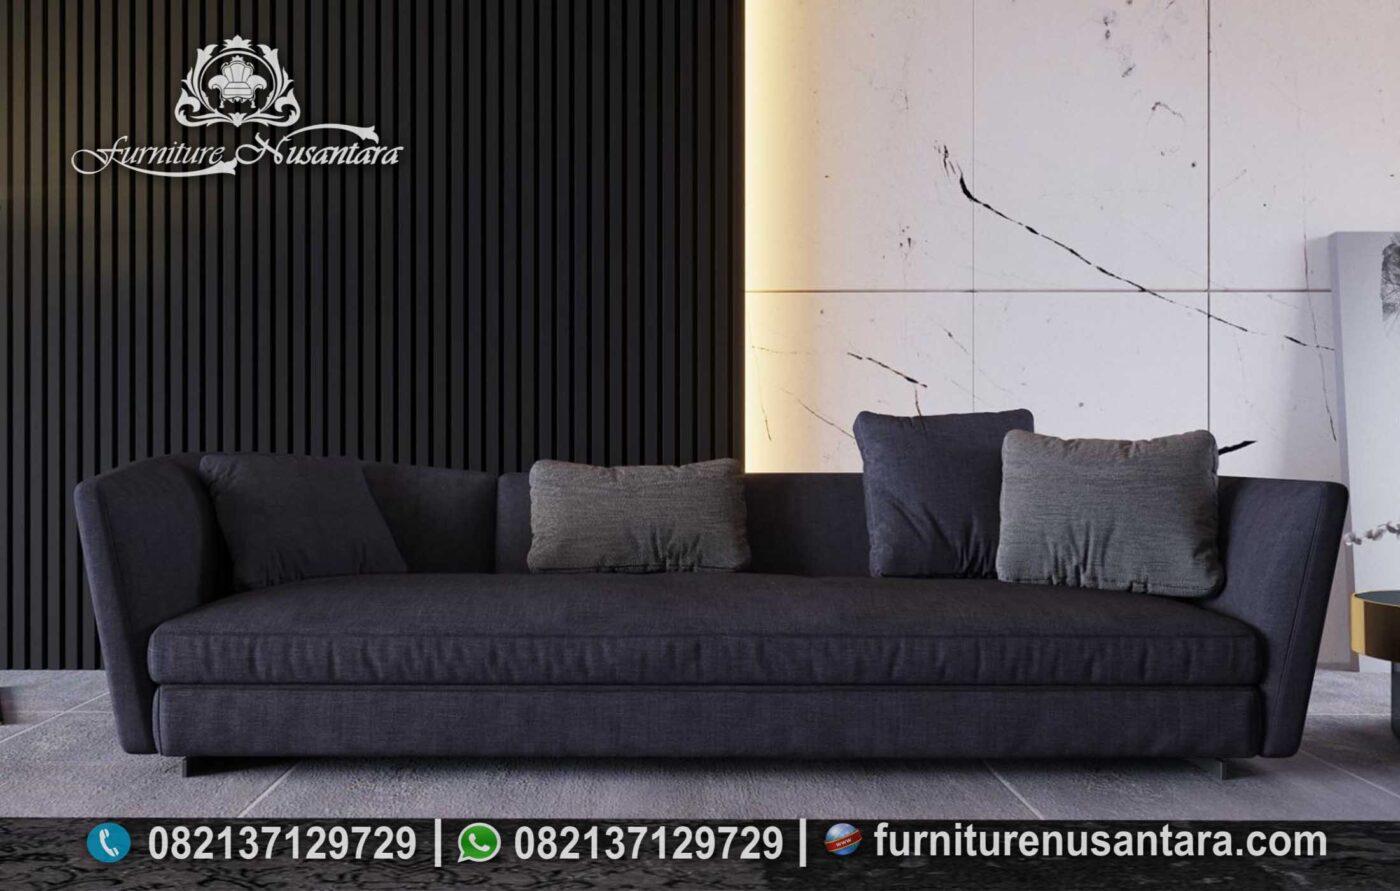 Sofa Minimalis Terbaru 2020 ST-11, Furniture Nusantara